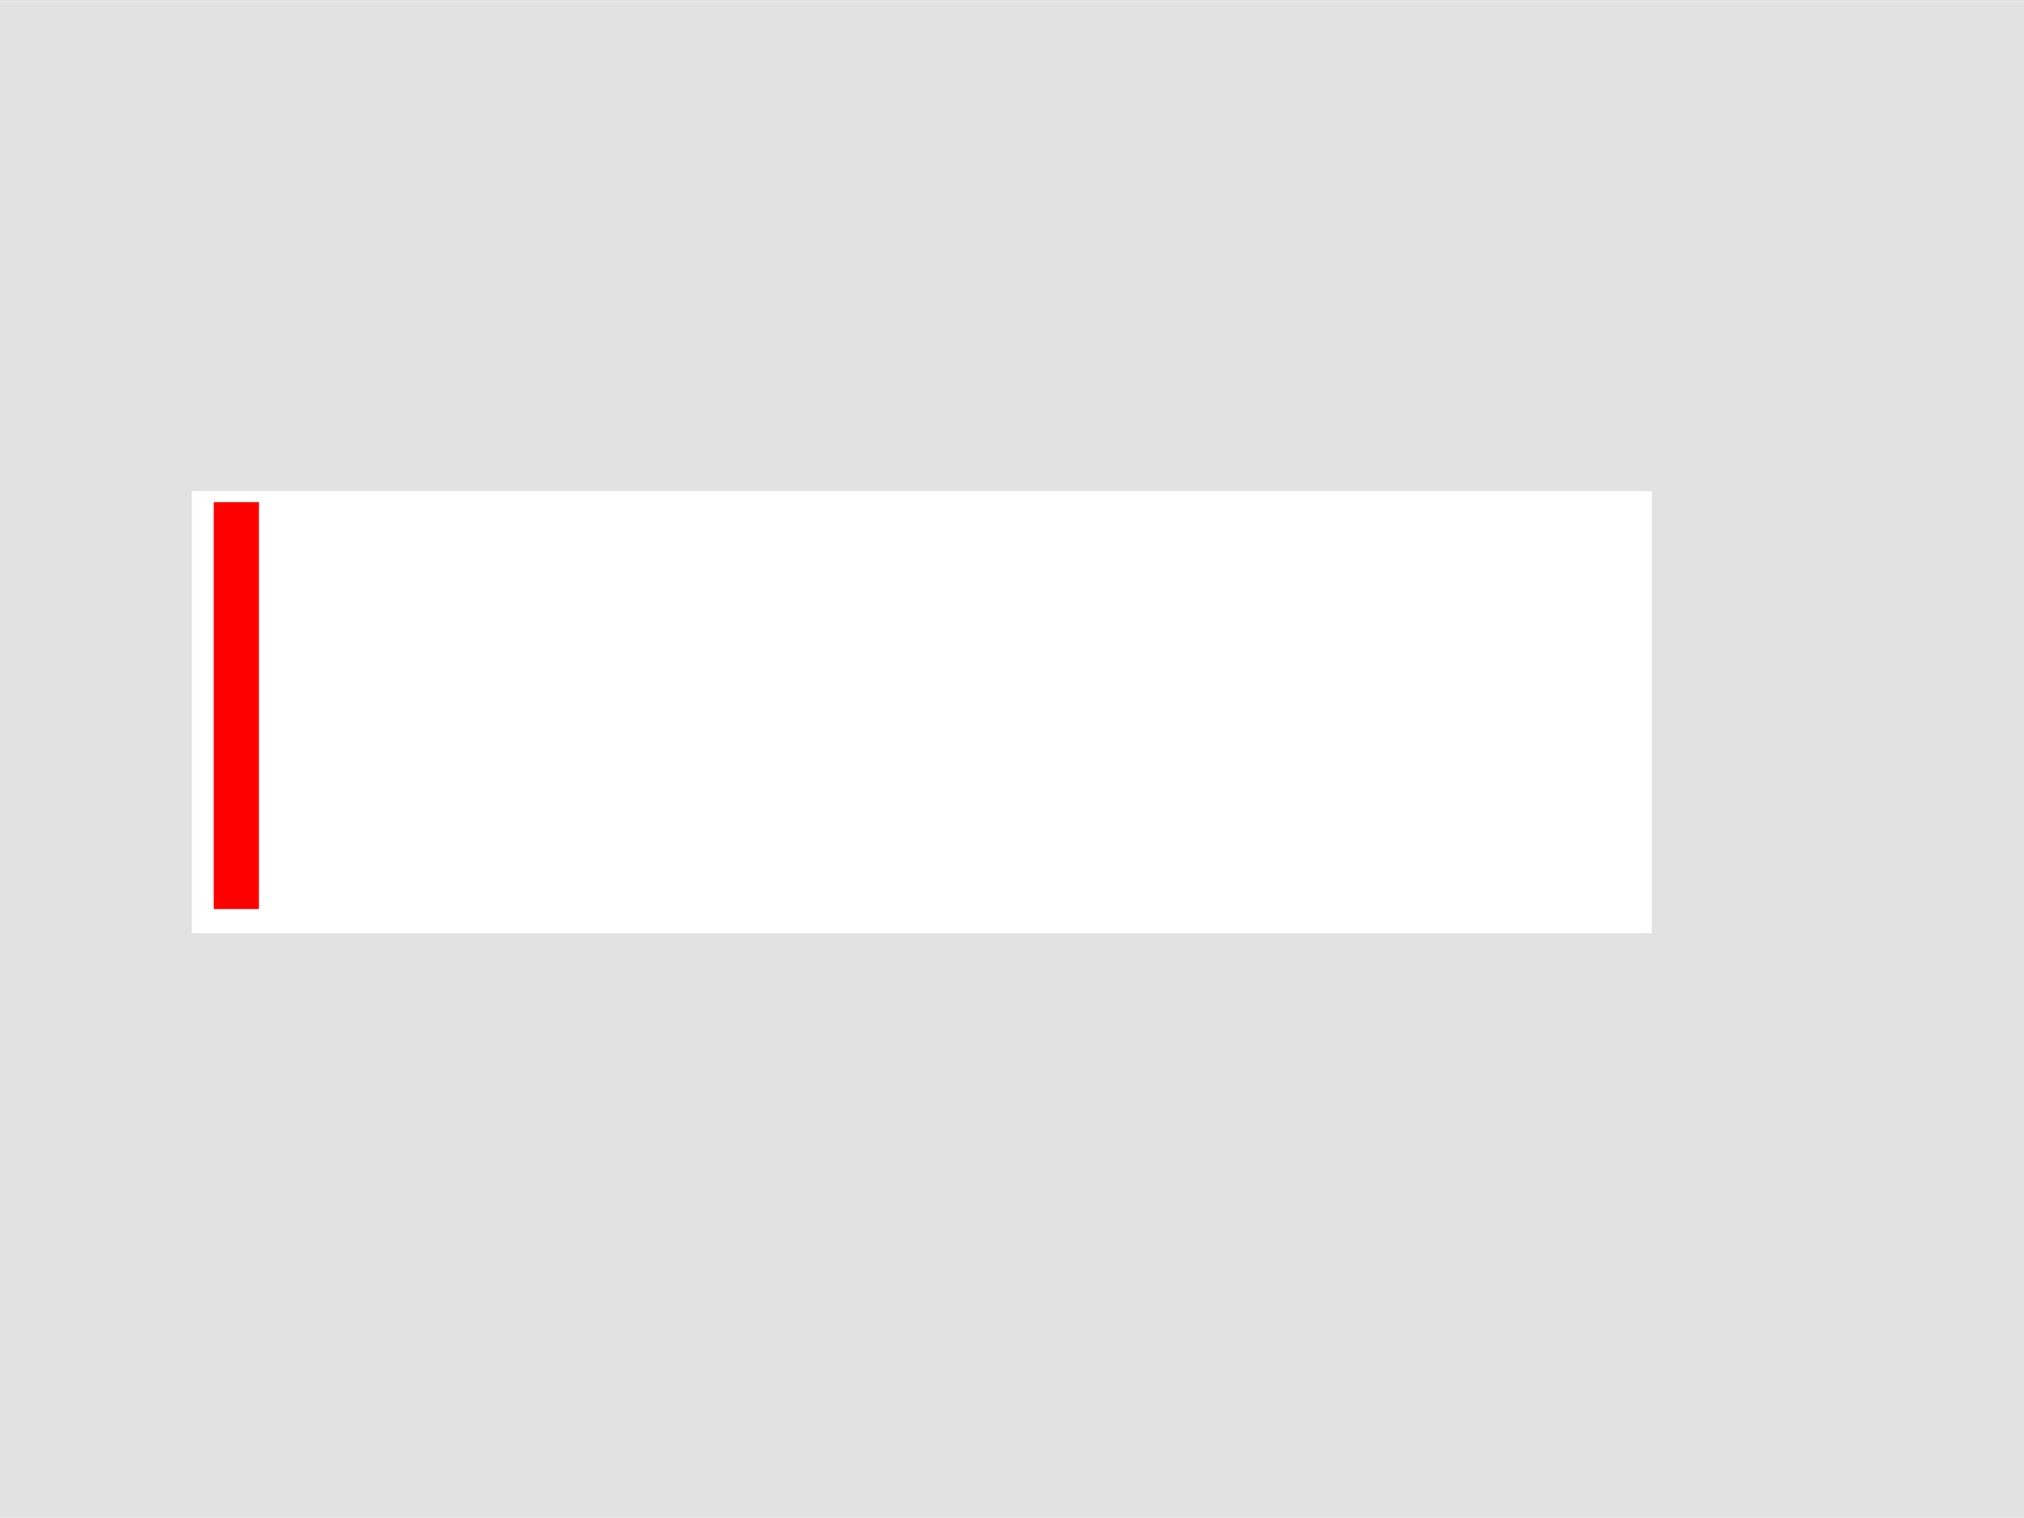 HTTPエラー表示